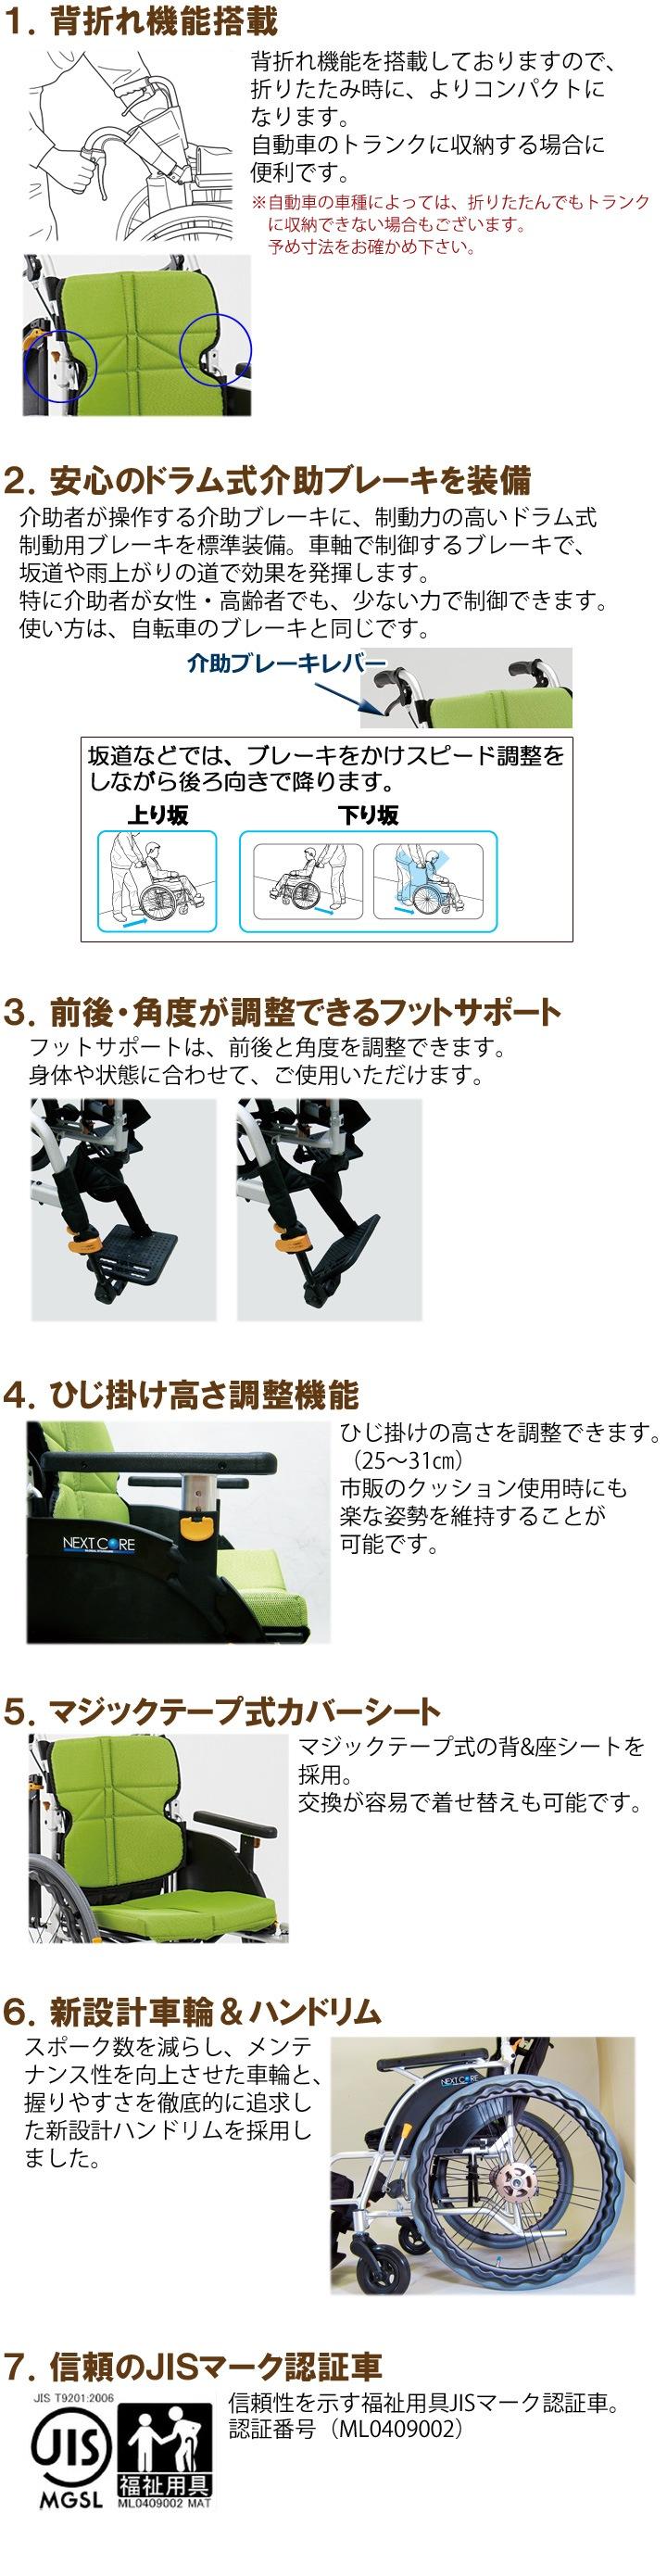 自走用車いす NEXT-51B「ネクストコア-アジャスト 自走用」の機能説明